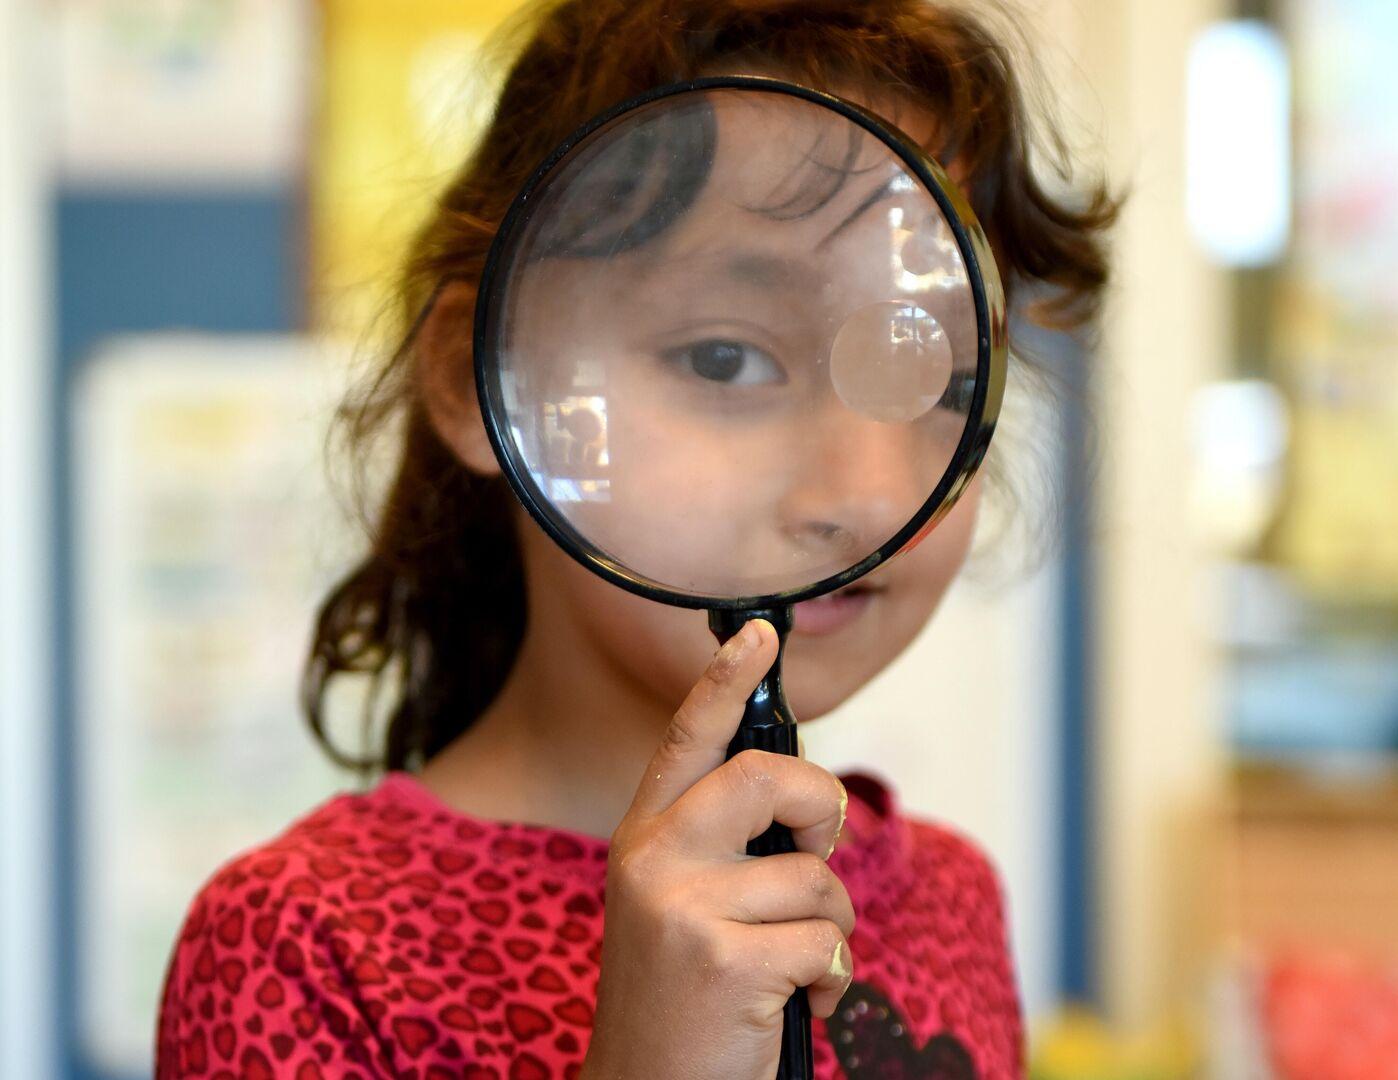 Cultuureducatie als antwoord op identiteitsontwikkeling in de 21e eeuw